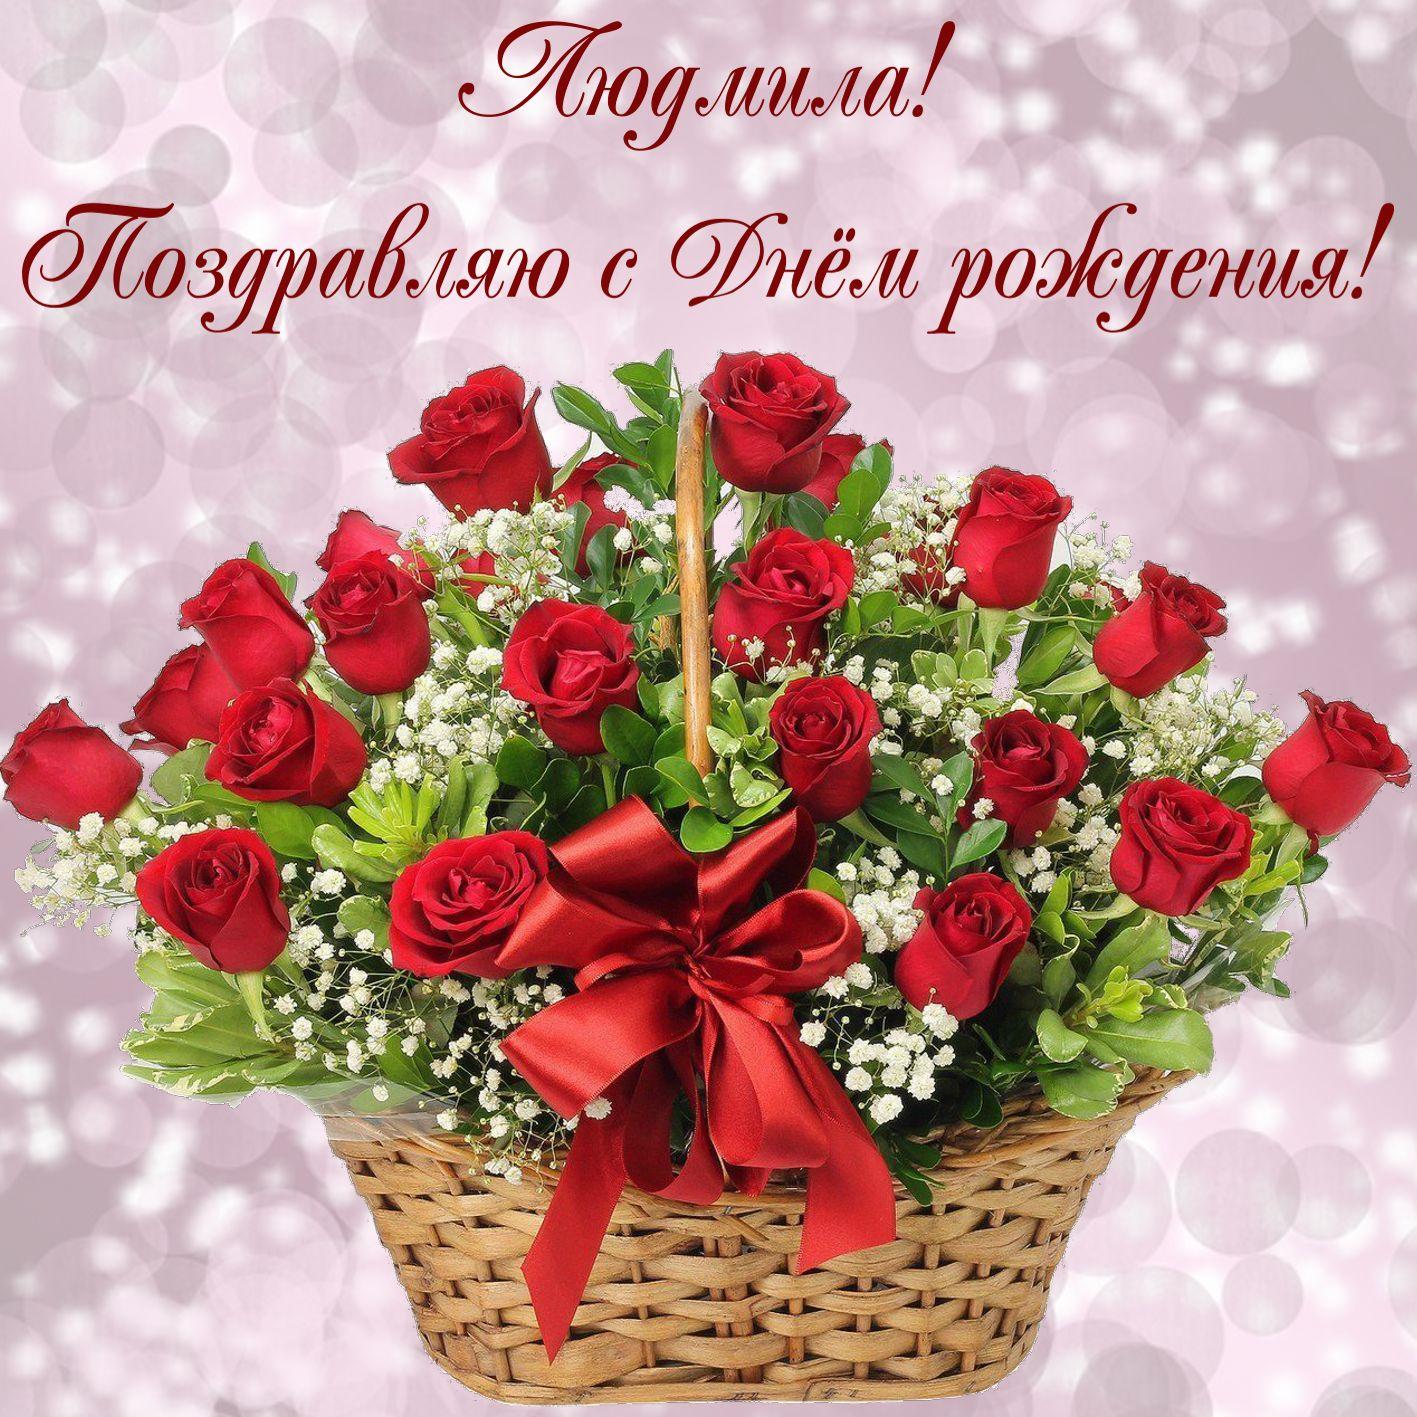 Открытка на День рождения Людмиле - корзина роз в красивом оформлении